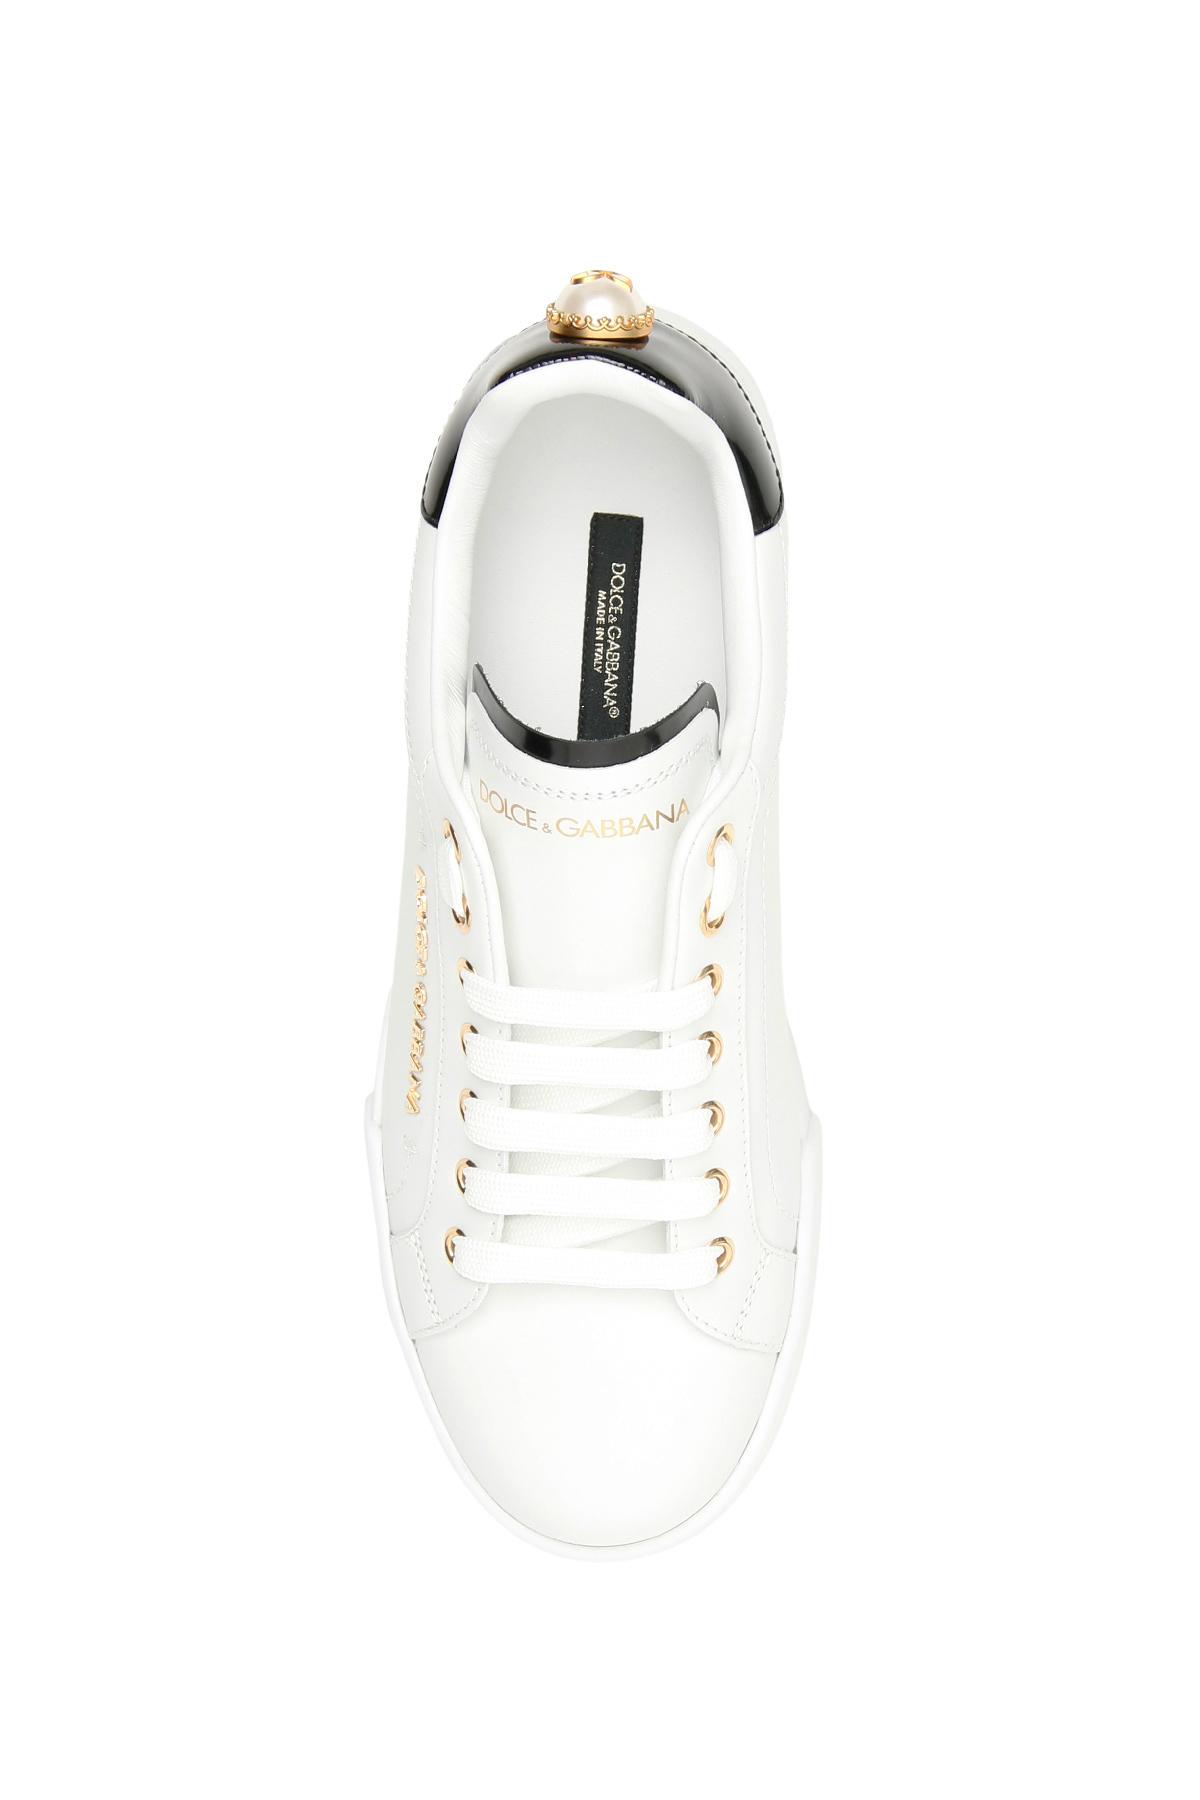 Dolce & gabbana sneakers portofino con perla